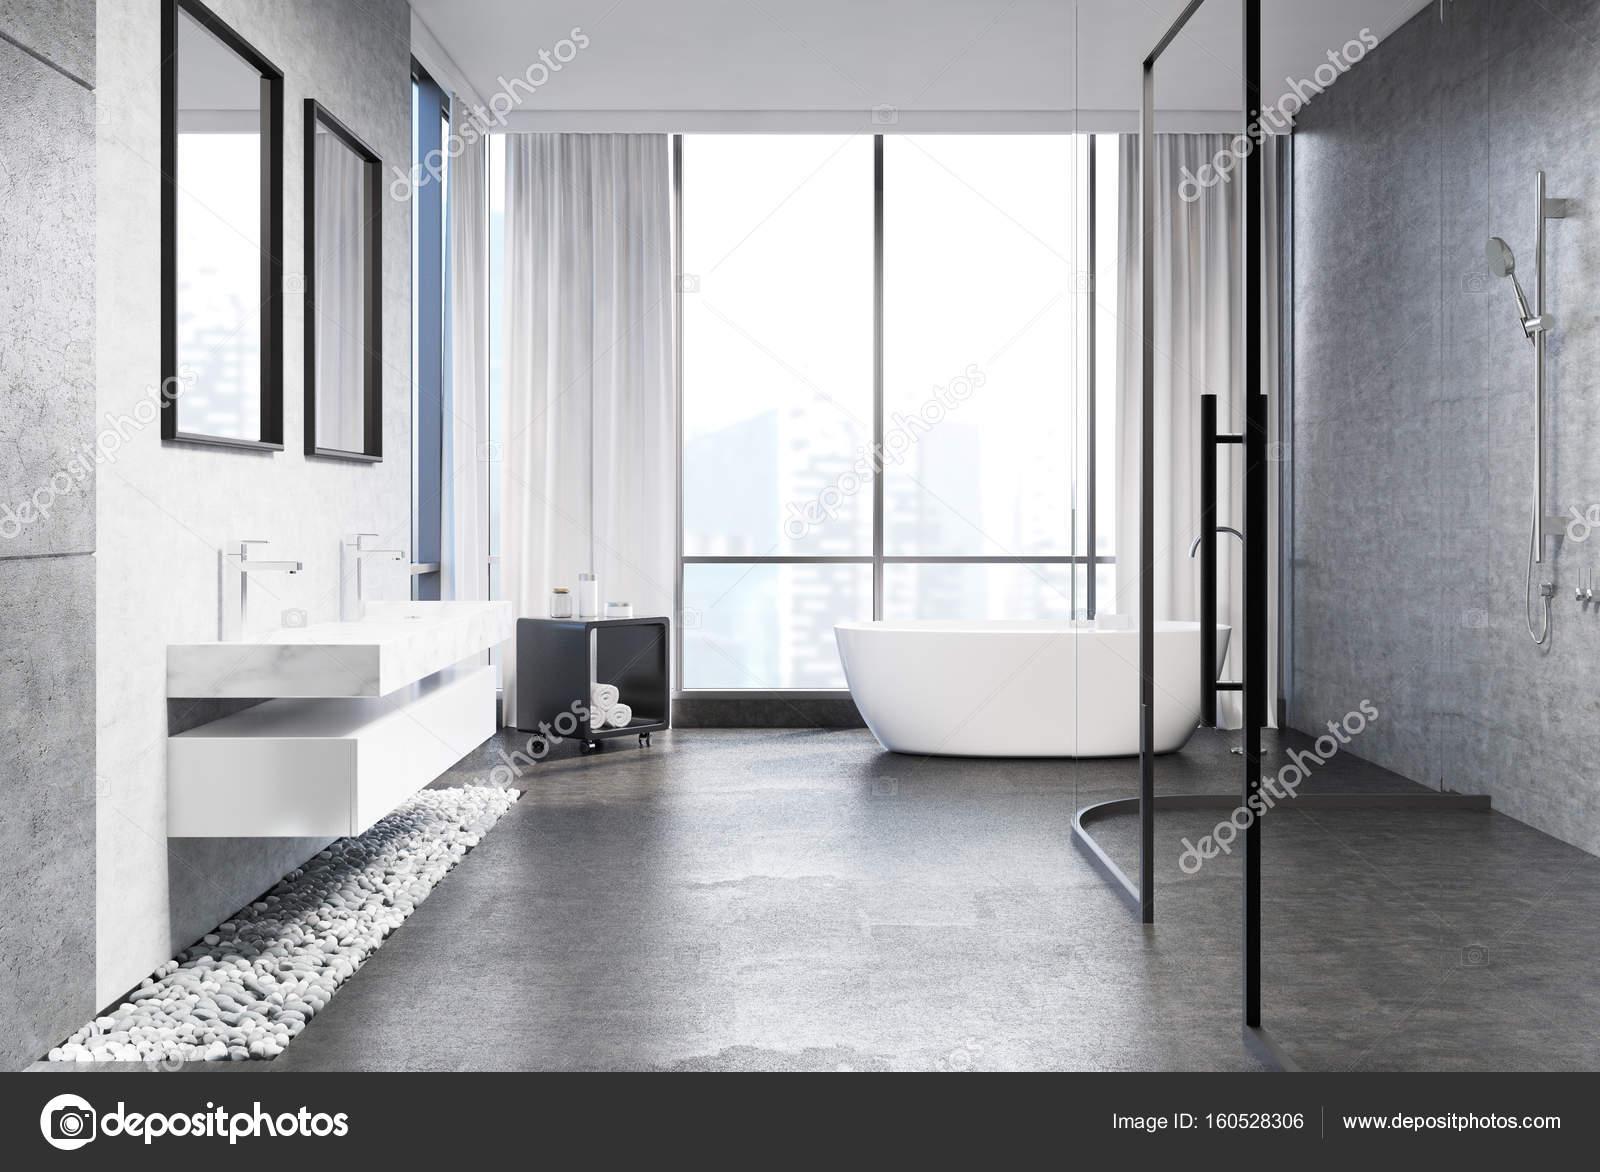 Szary Beton łazienka Widok Z Boku Zdjęcie Stockowe